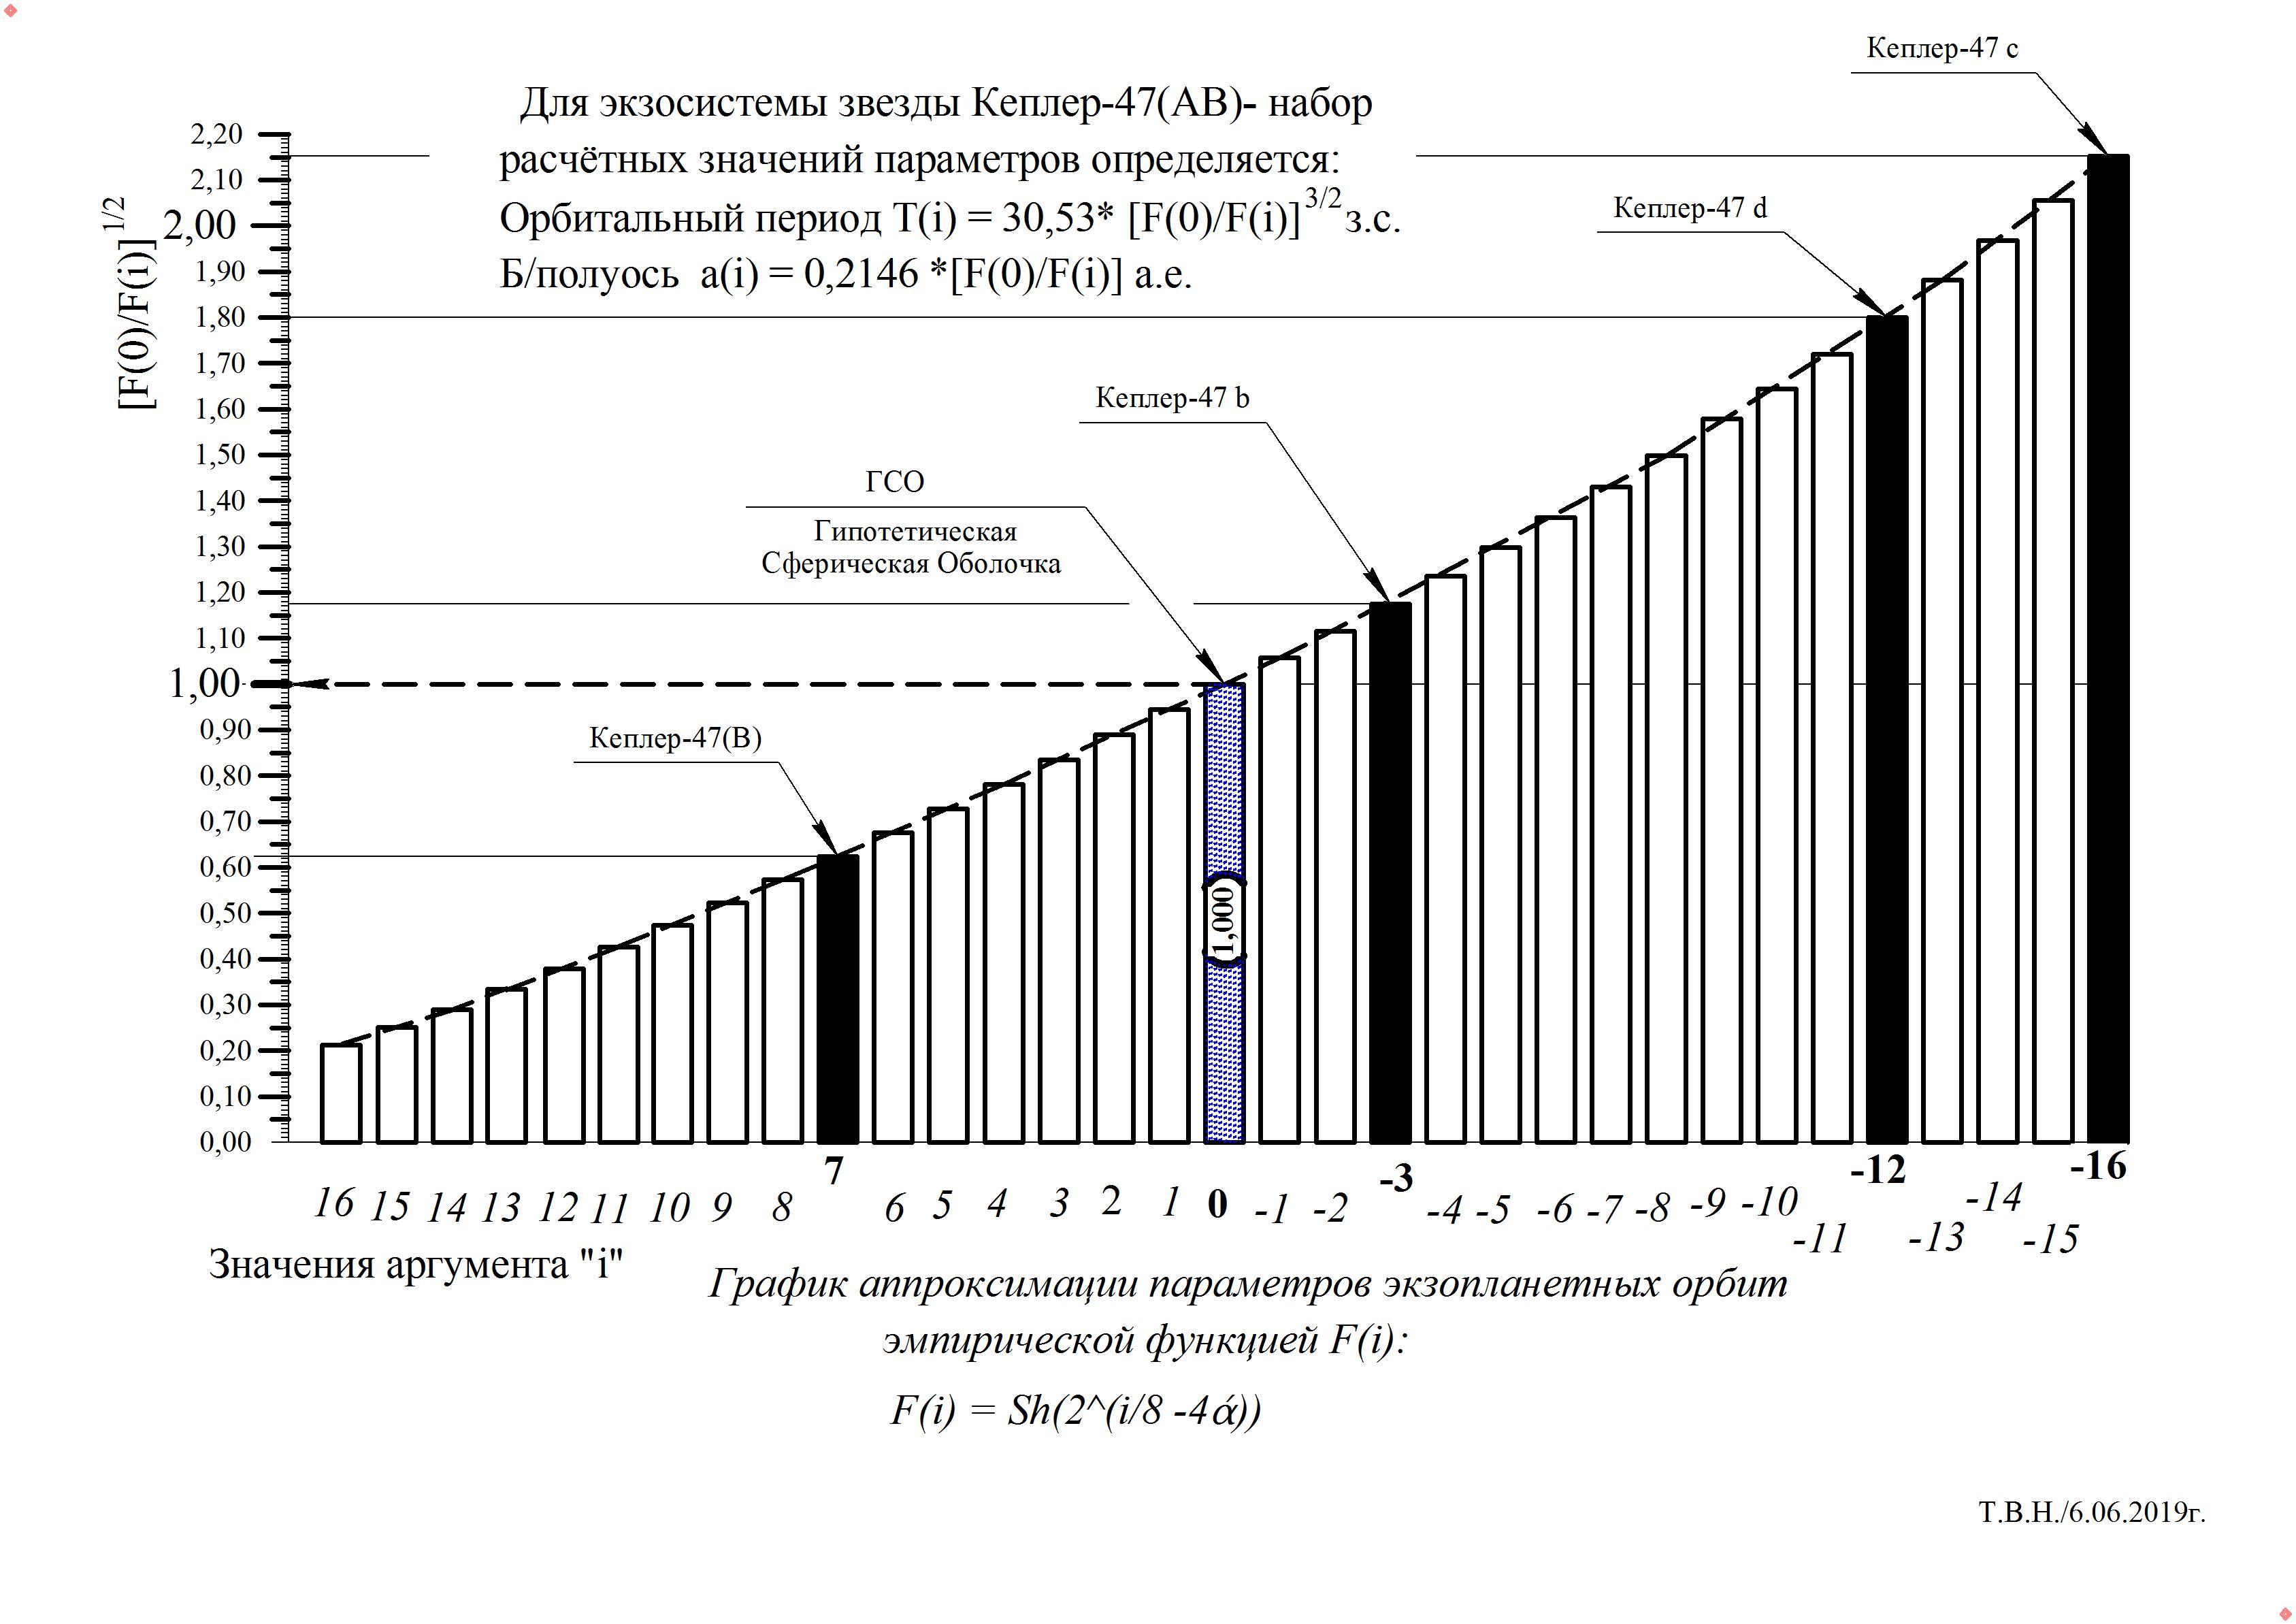 Кеплер-47(АВ).jpg